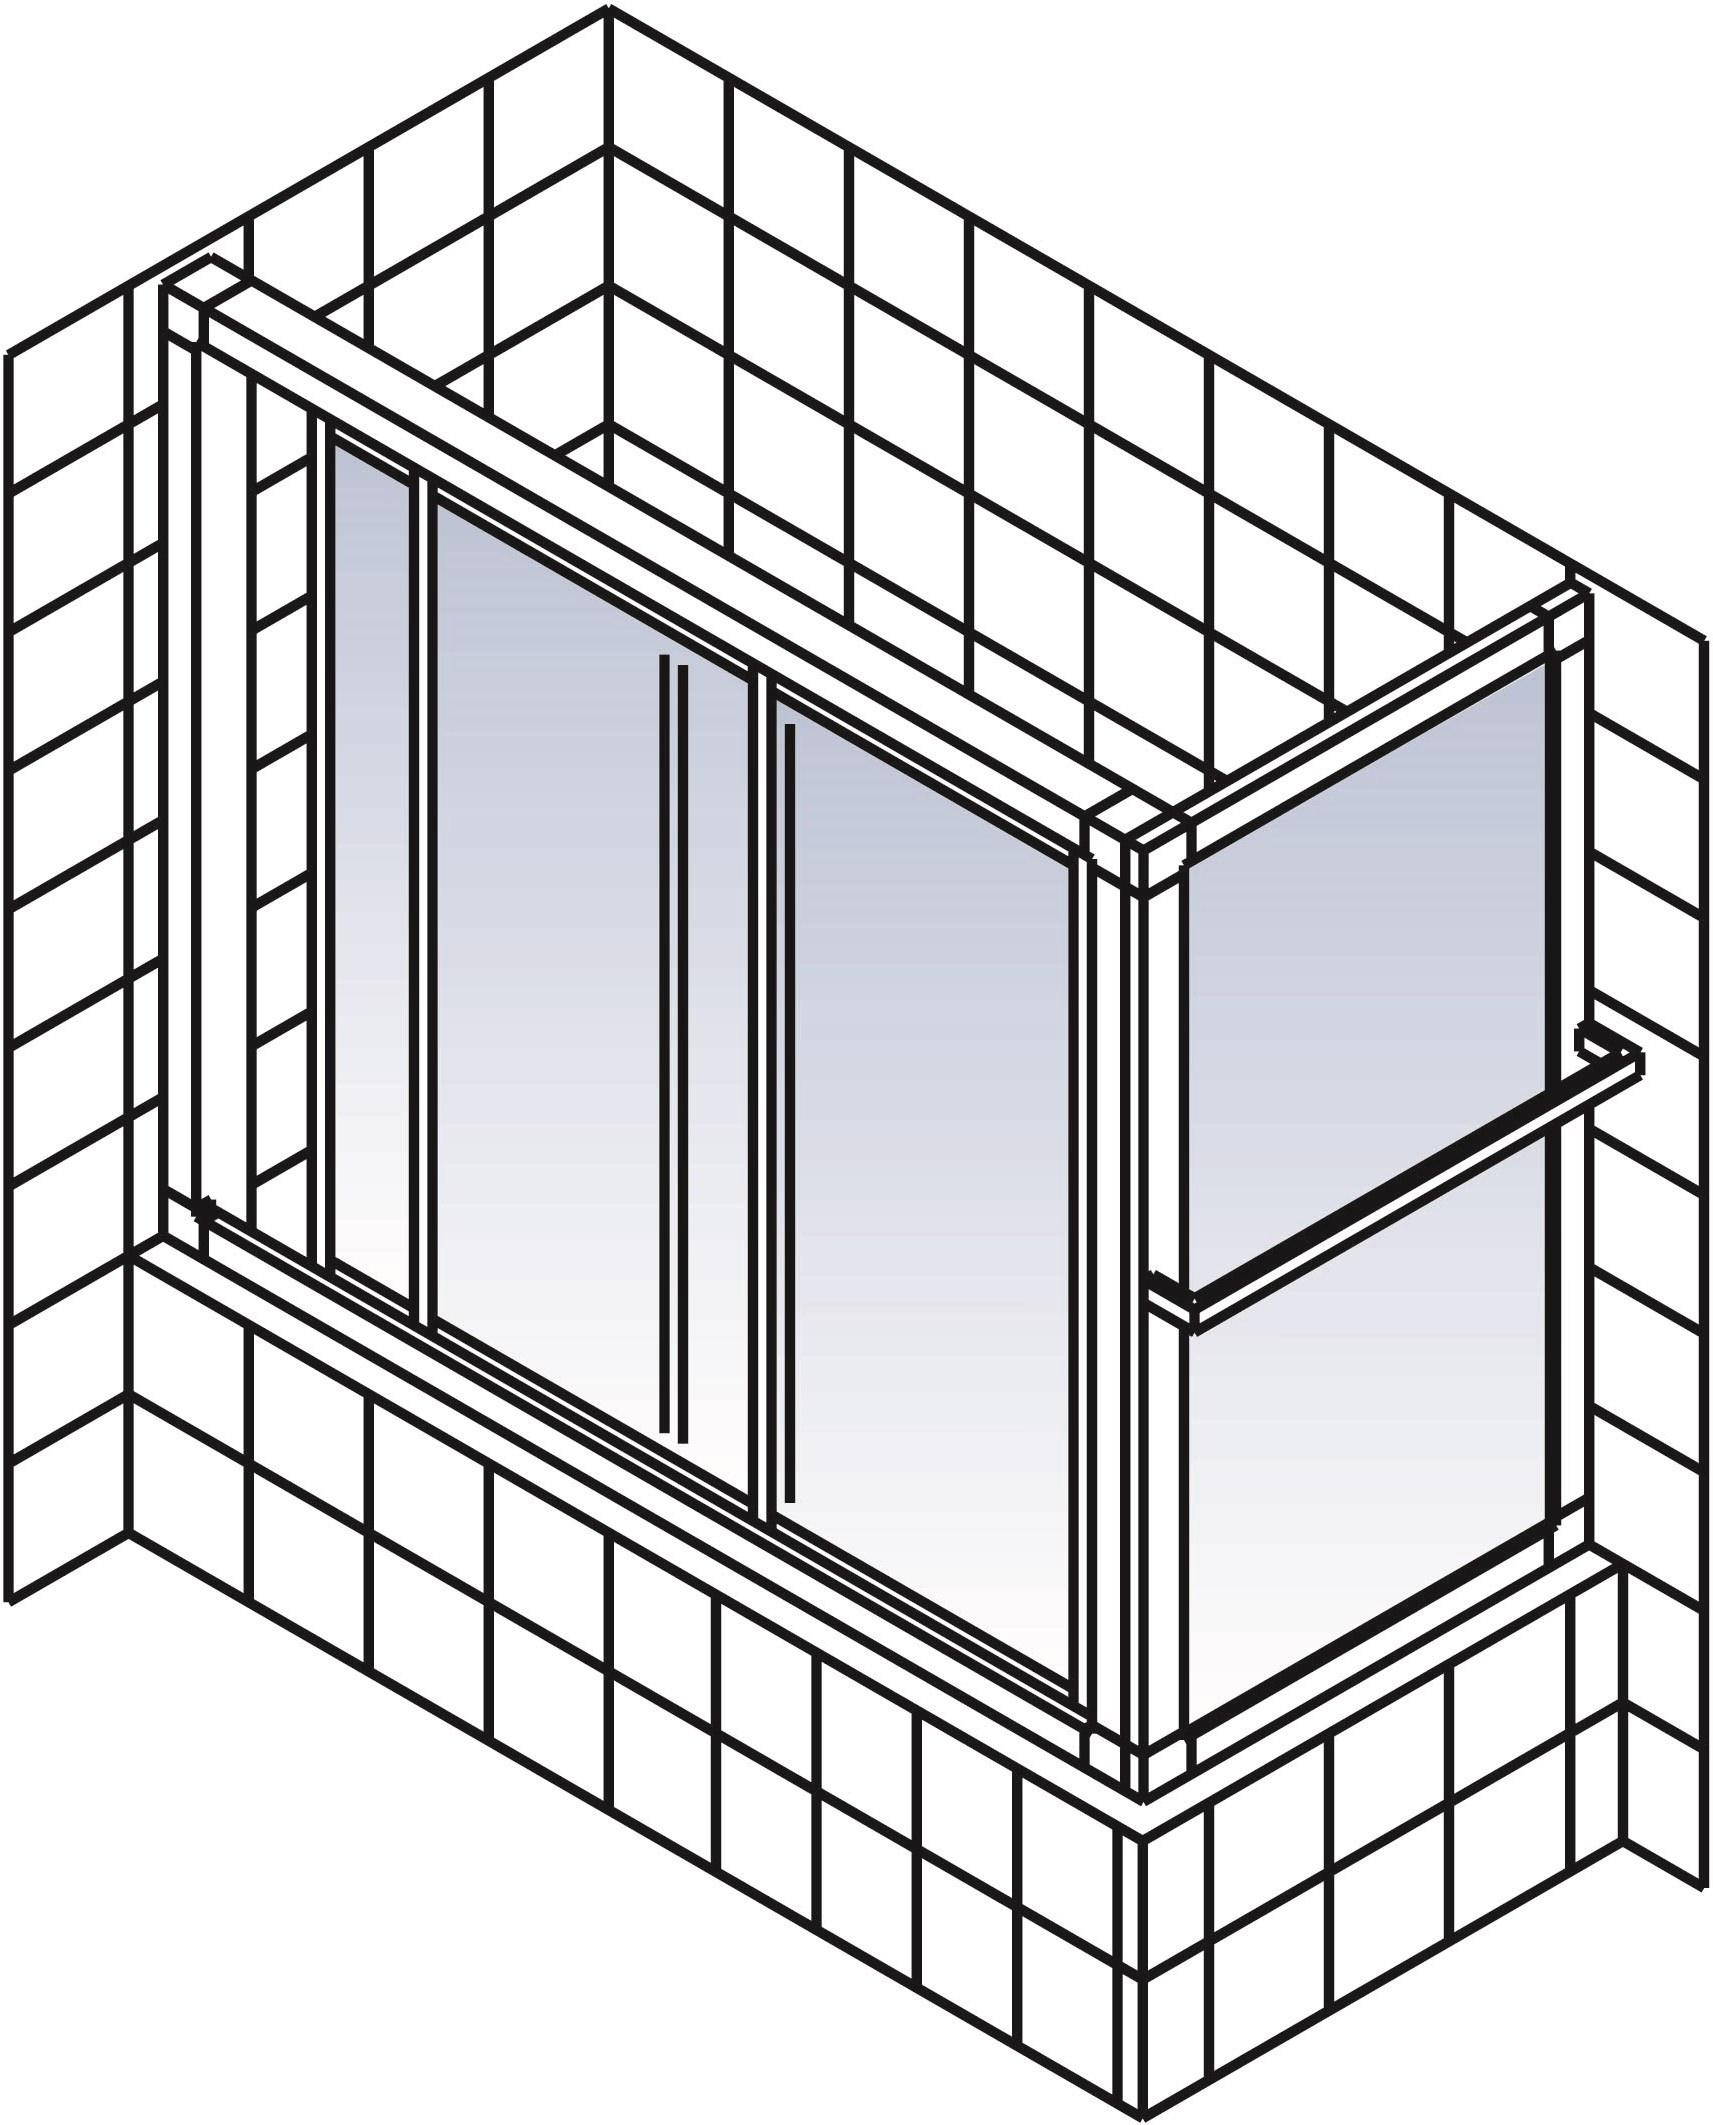 schulte komfort badewannenseitenwand f r schiebet r softline hell alunatur 750mm d405502 01 01. Black Bedroom Furniture Sets. Home Design Ideas